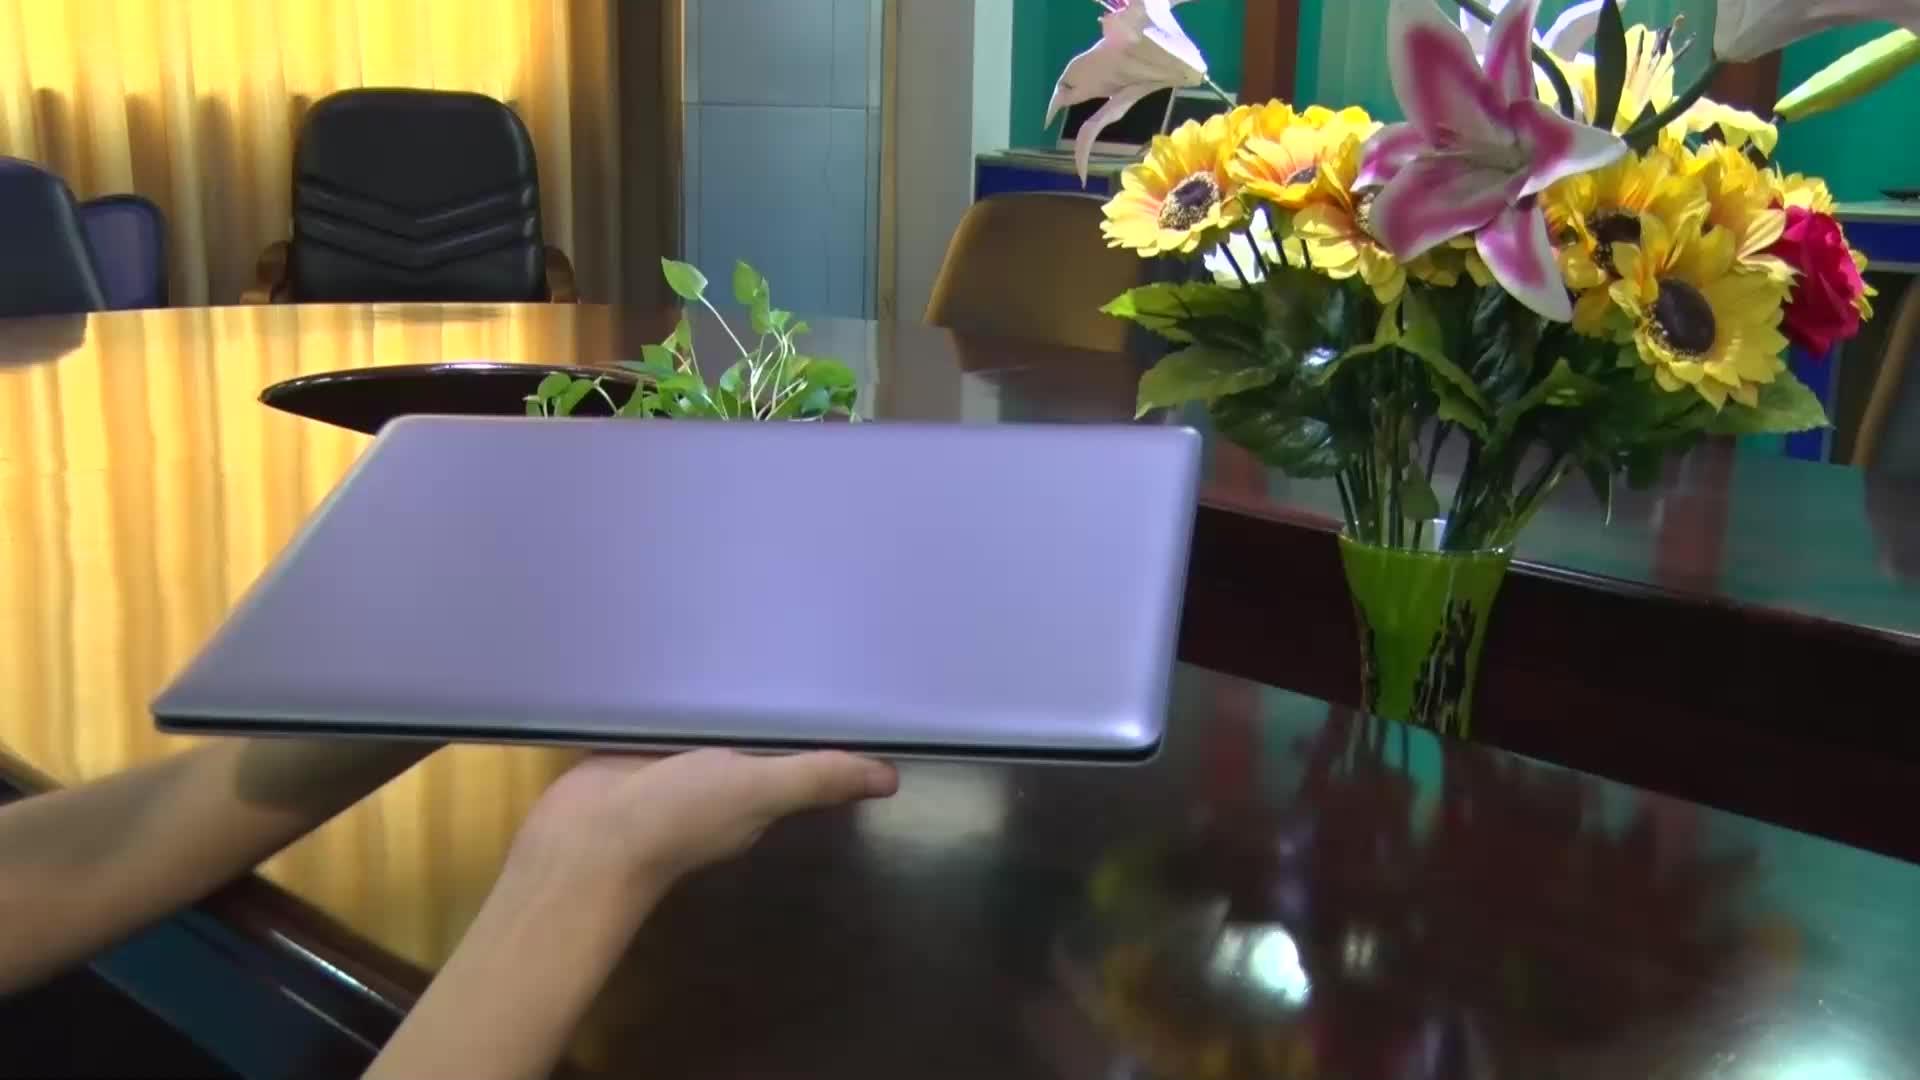 15.6 אינץ OEM אינטל מעבד core i7 8gb ultra slim משחקי משרד מחשב מחשב נייד